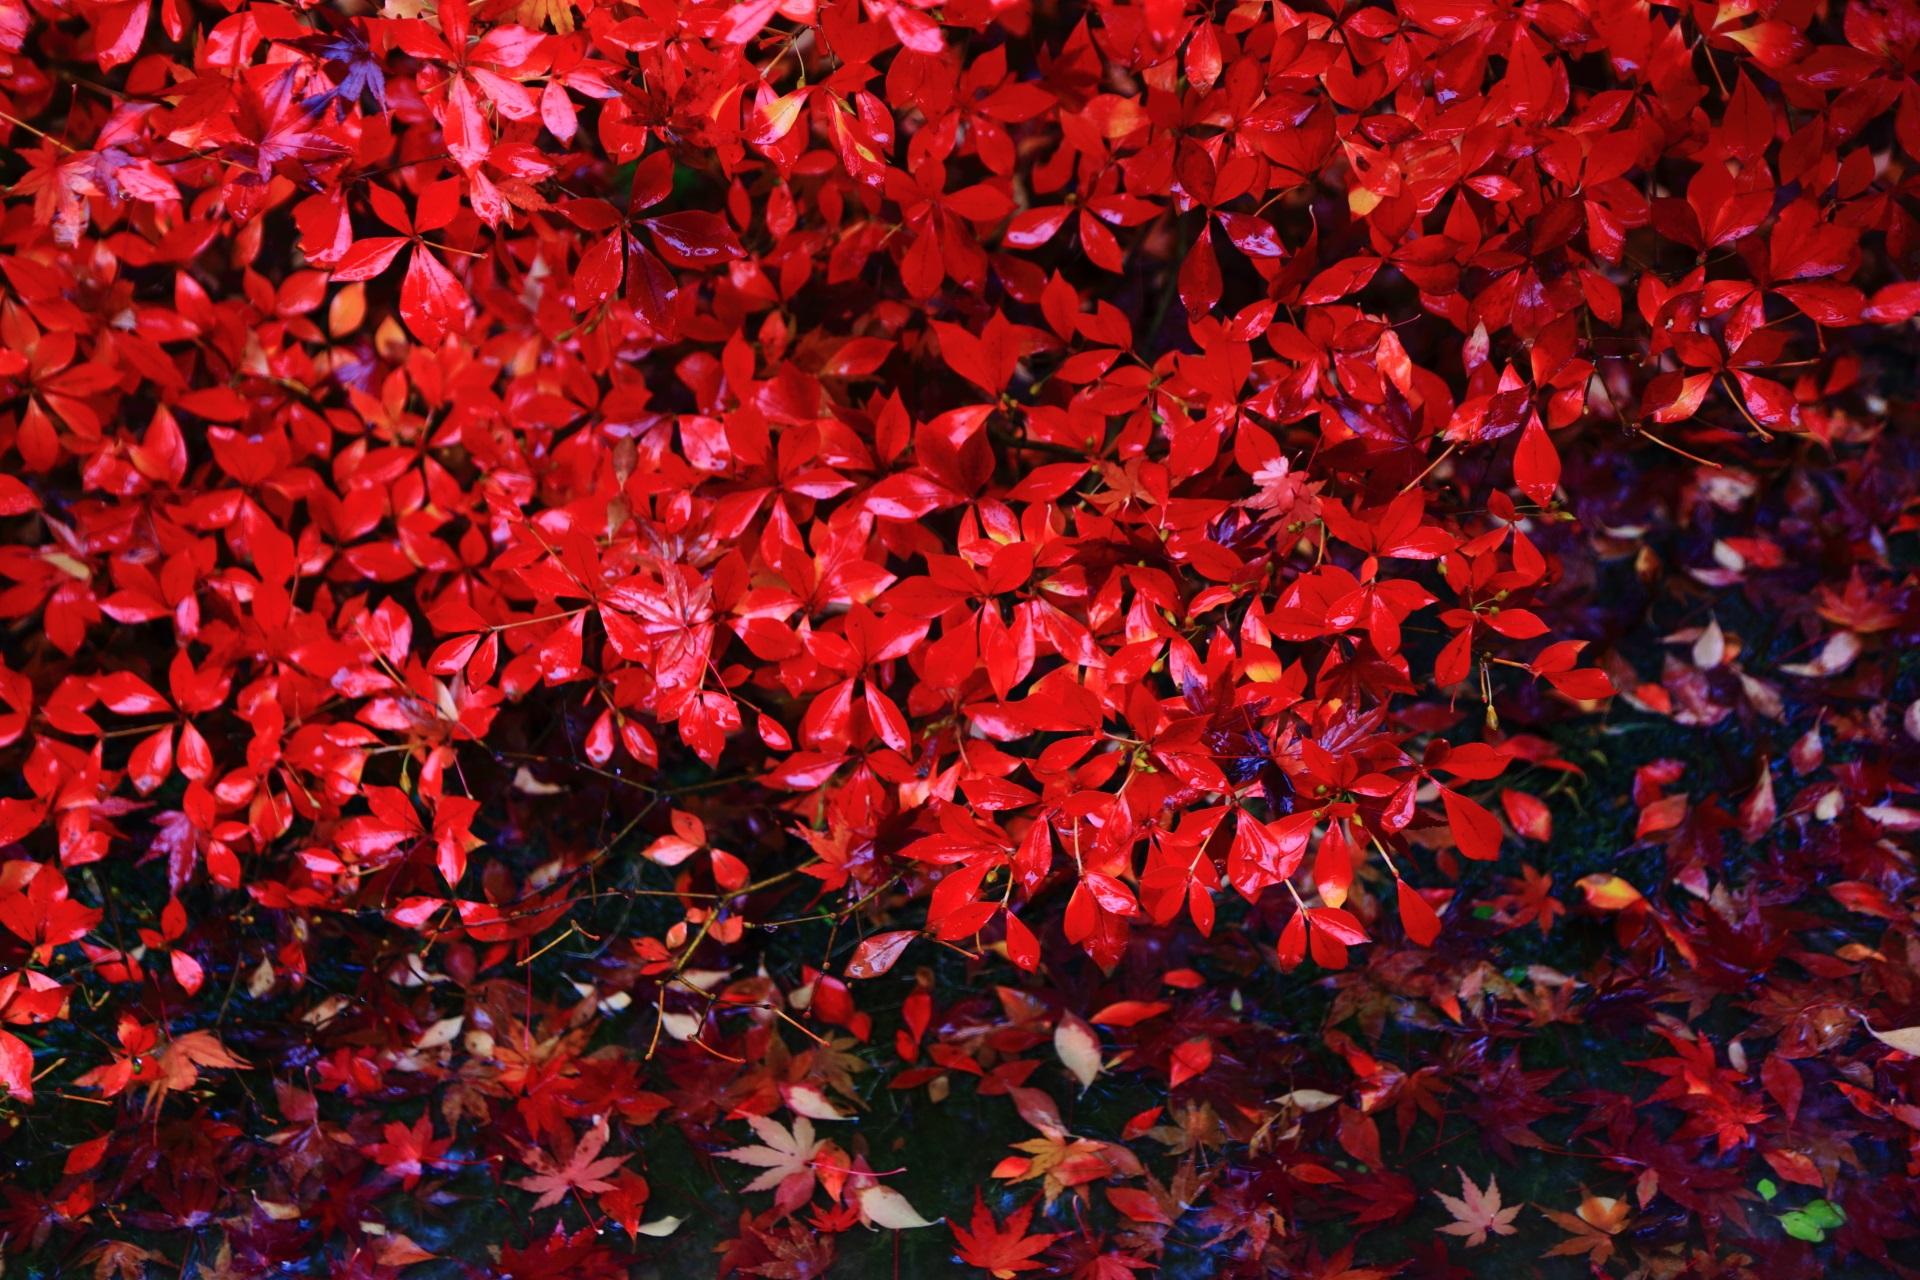 雨で輝く紅葉したドウダンツツジの赤い葉